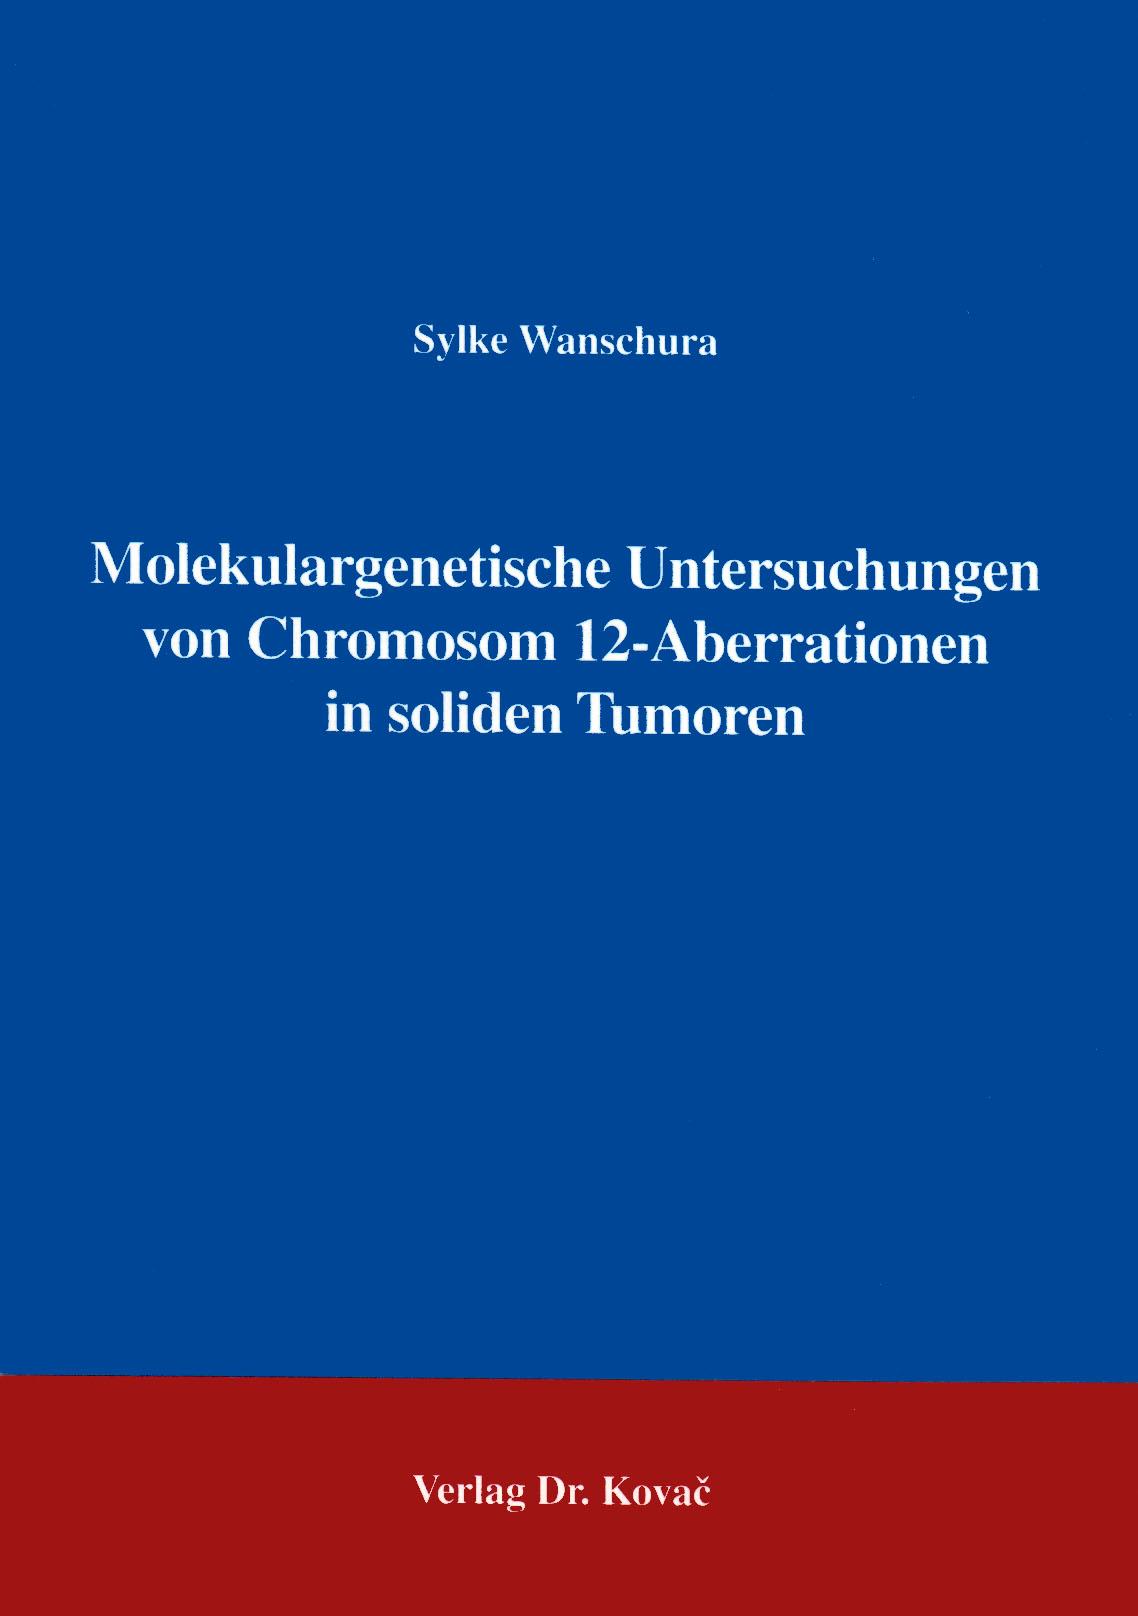 Cover: Molekulargenetische Untersuchungen von Chromosom 12-Aberrationen in soliden Tumoren